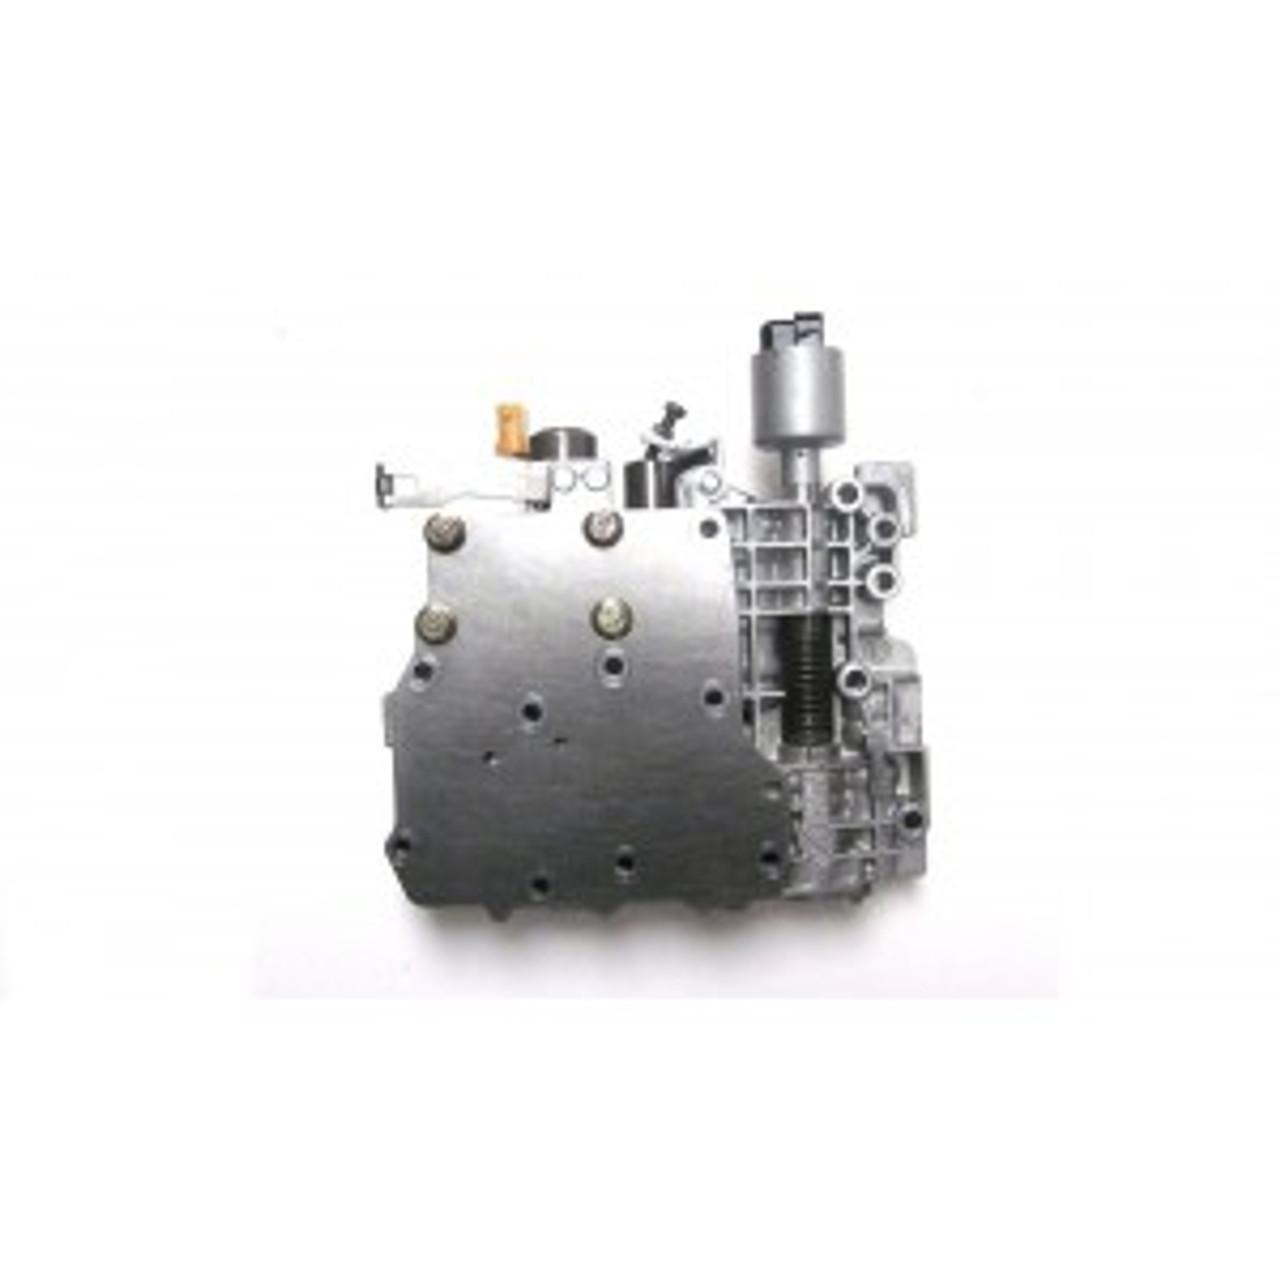 Valve body ( Hydraulic control unit )